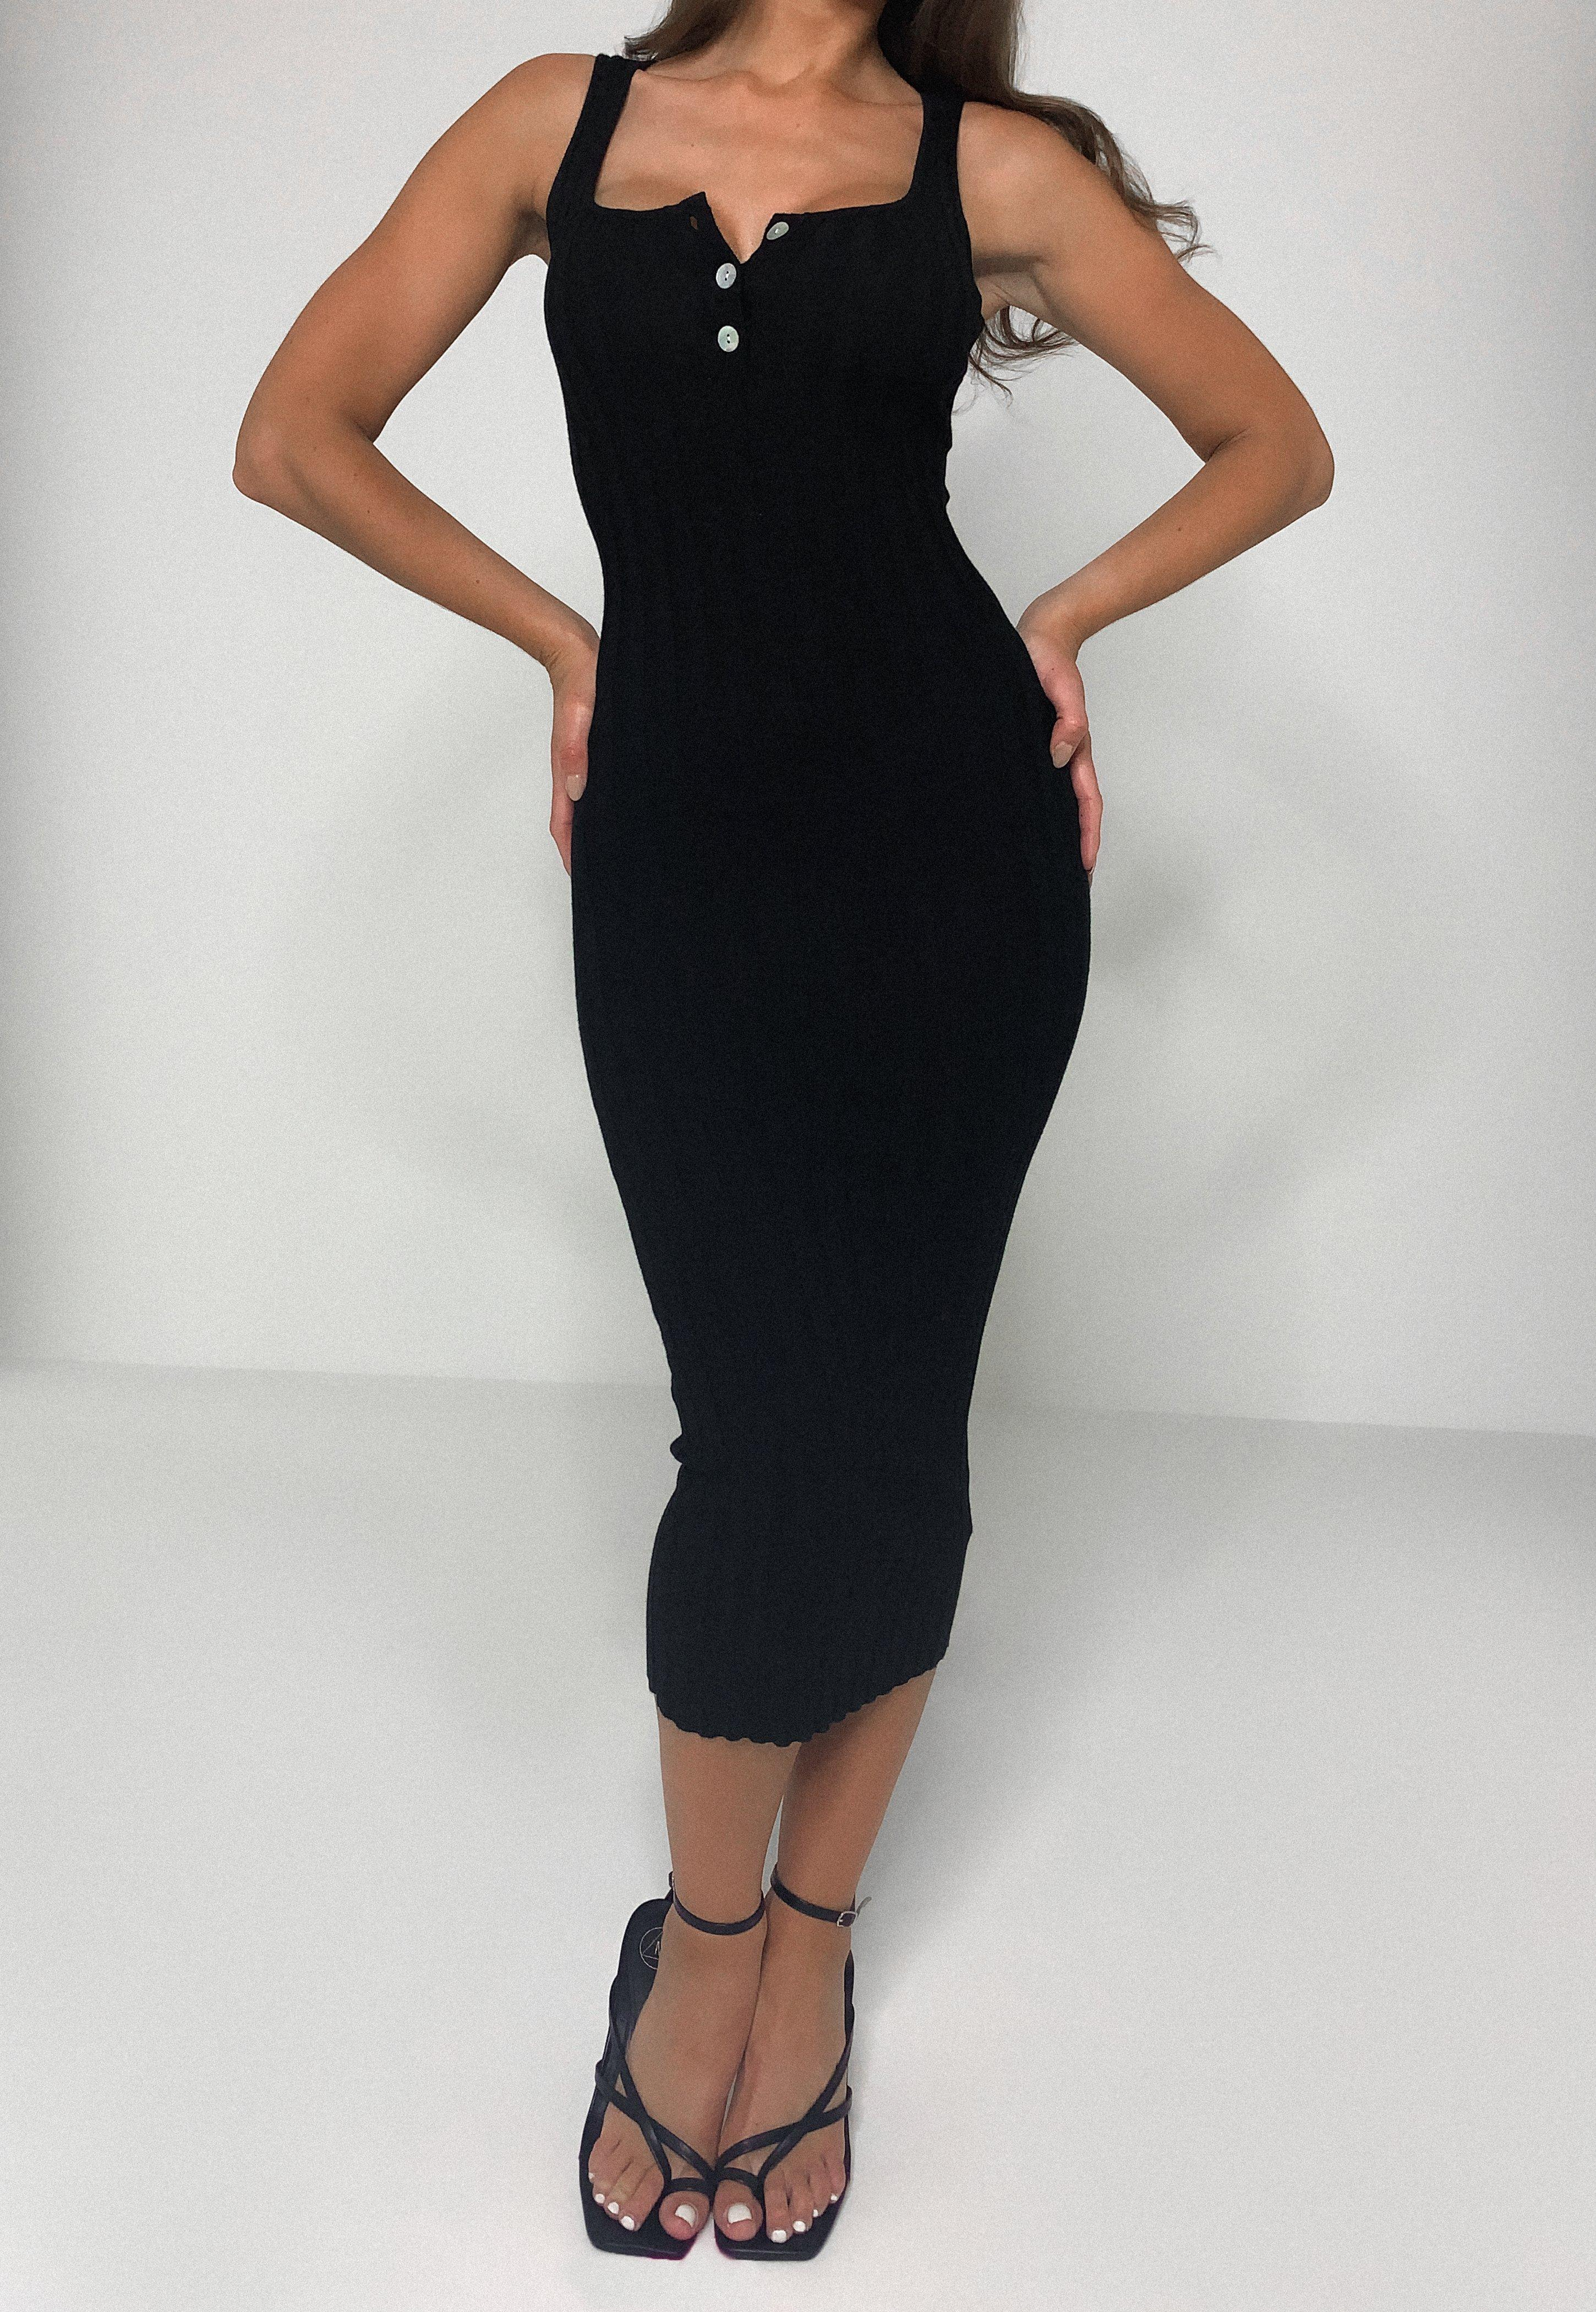 Black Rib Knit Midi Dress